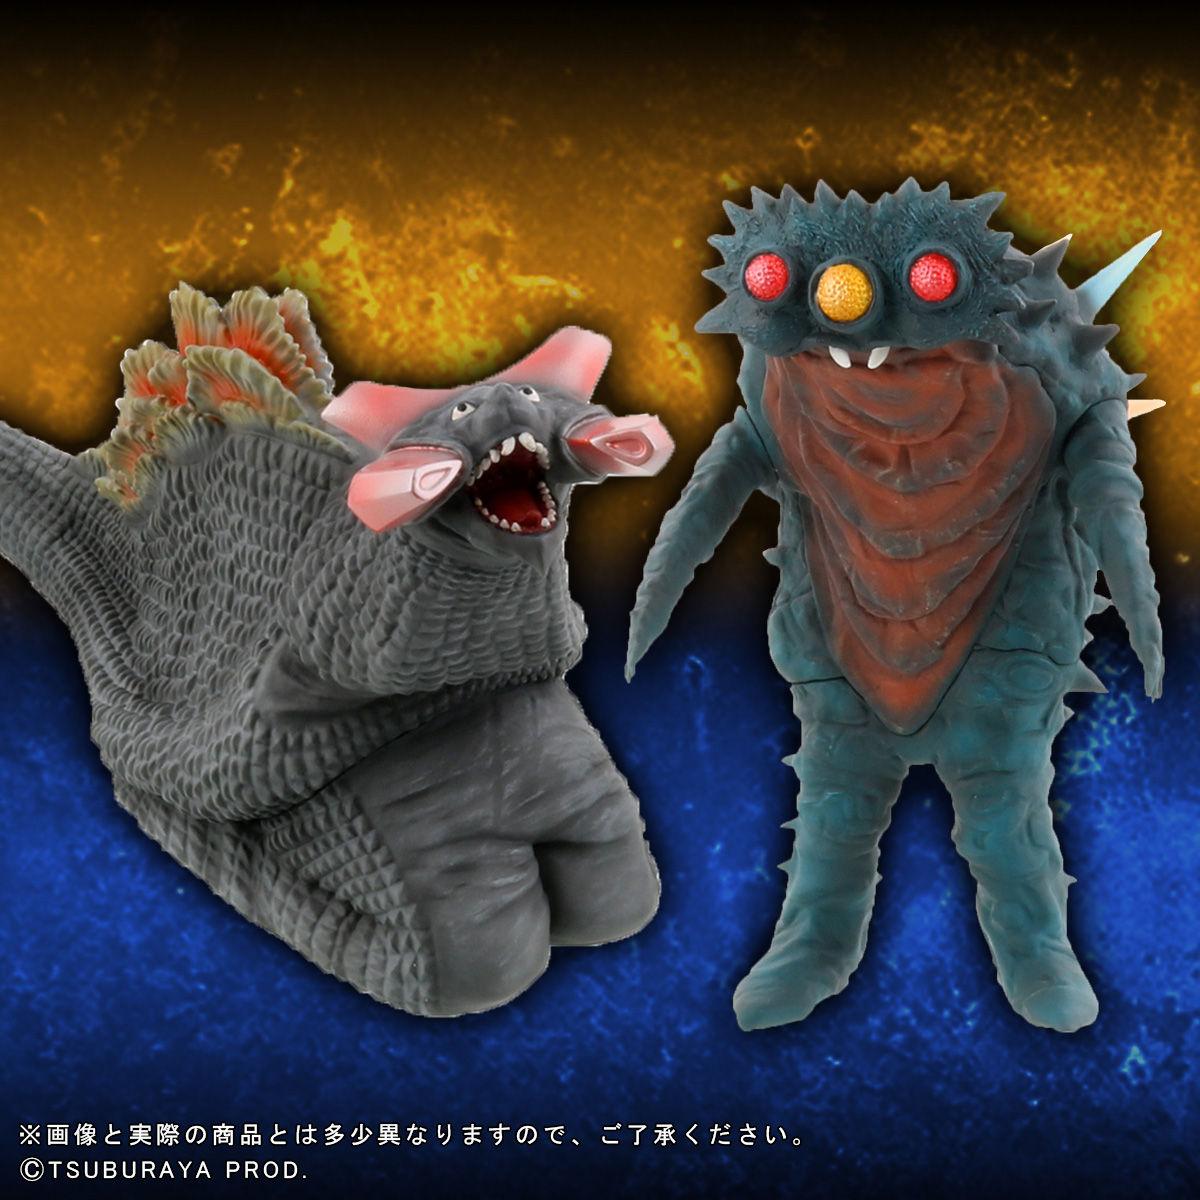 【限定販売】ウルトラ大怪獣シリーズ5000『ビーコン/ギラドラス』完成品フィギュア-001